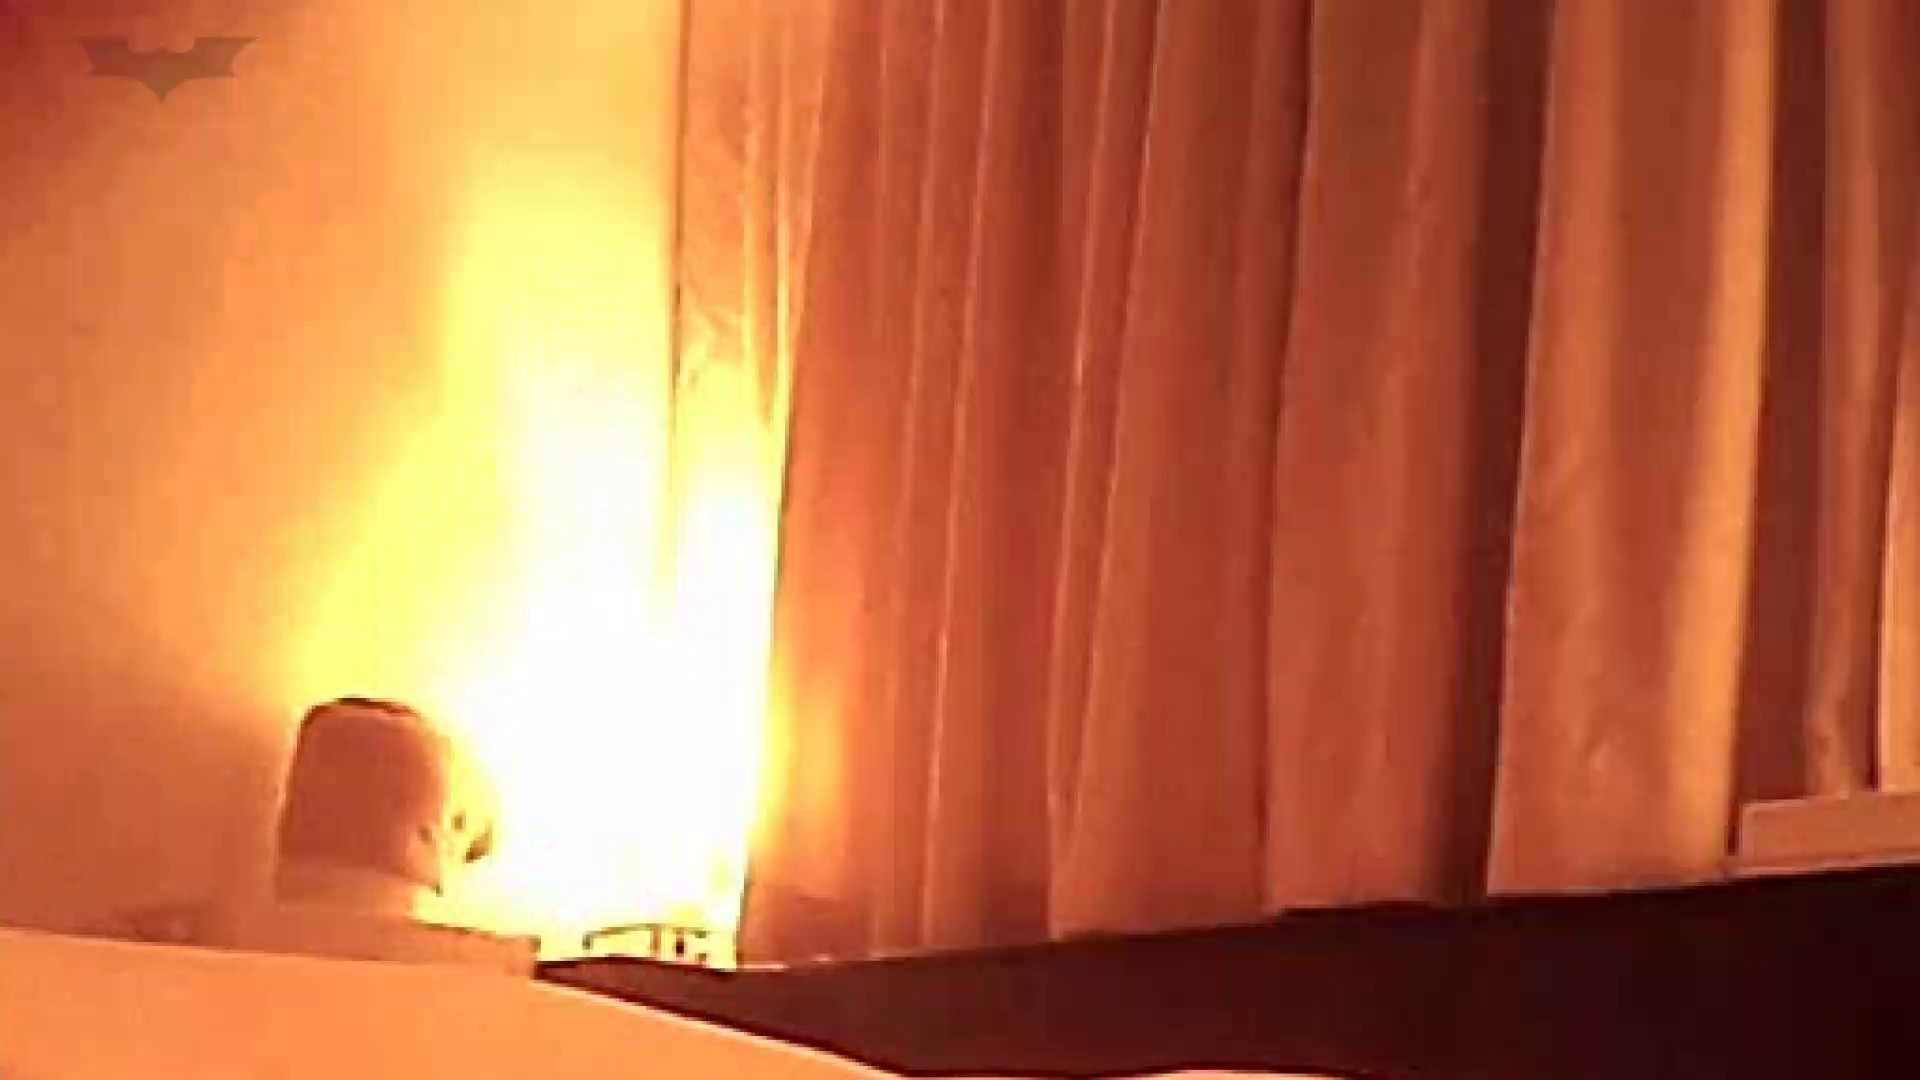 かわいいアニメ声で「イクっっ」 芸術大1年 か●ちゃん Vol.09 SEX編 高画質 アダルト動画キャプチャ 81画像 24